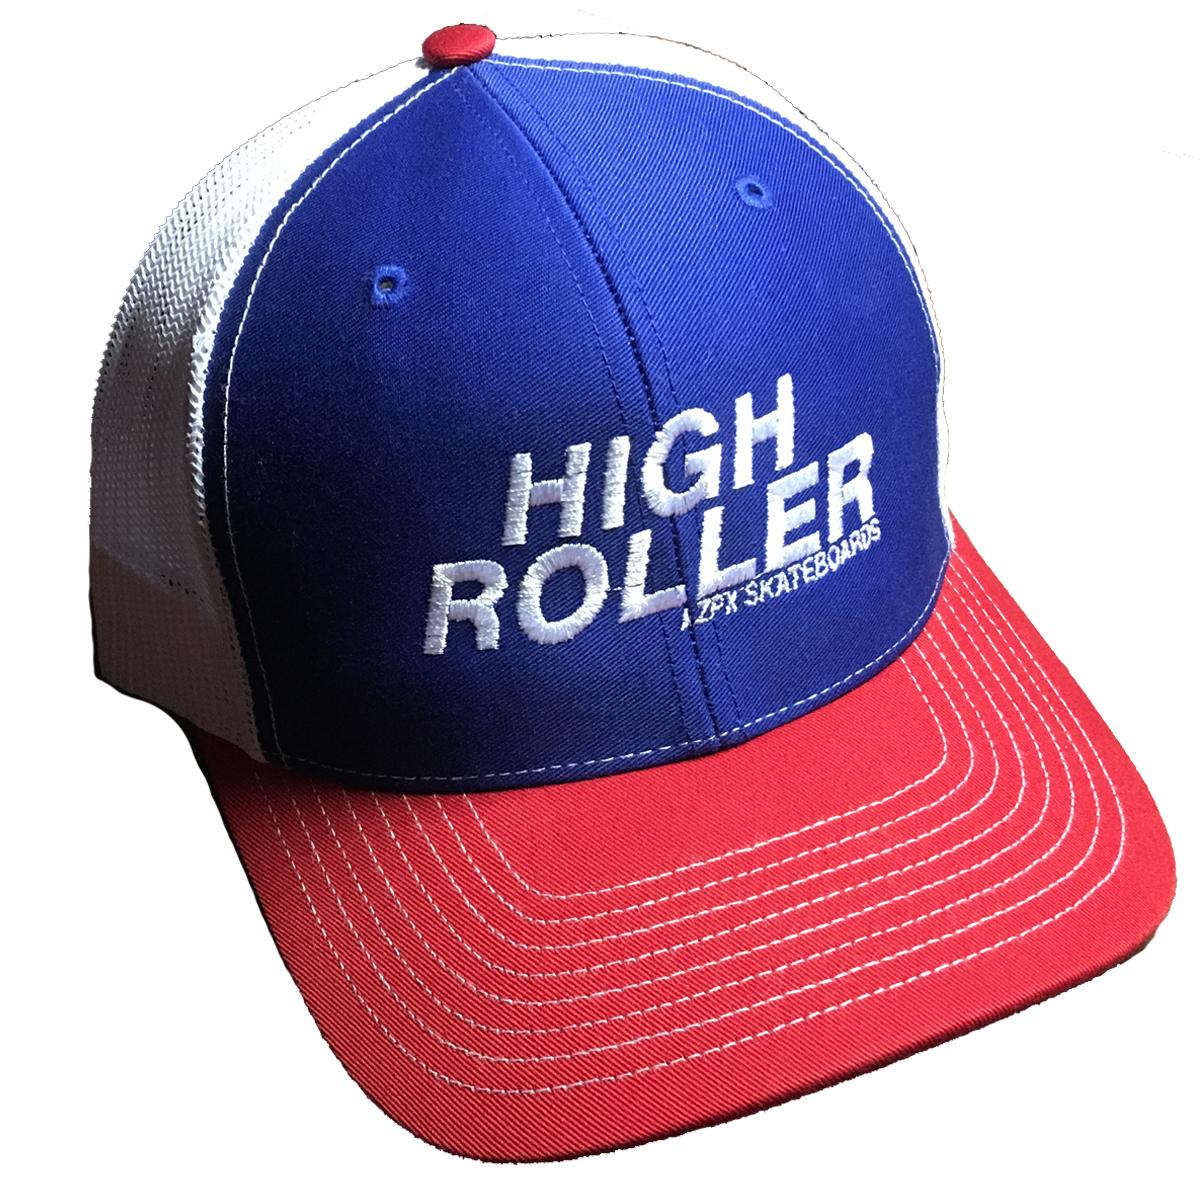 High Roller Trucker Hat – Red, White & Blue